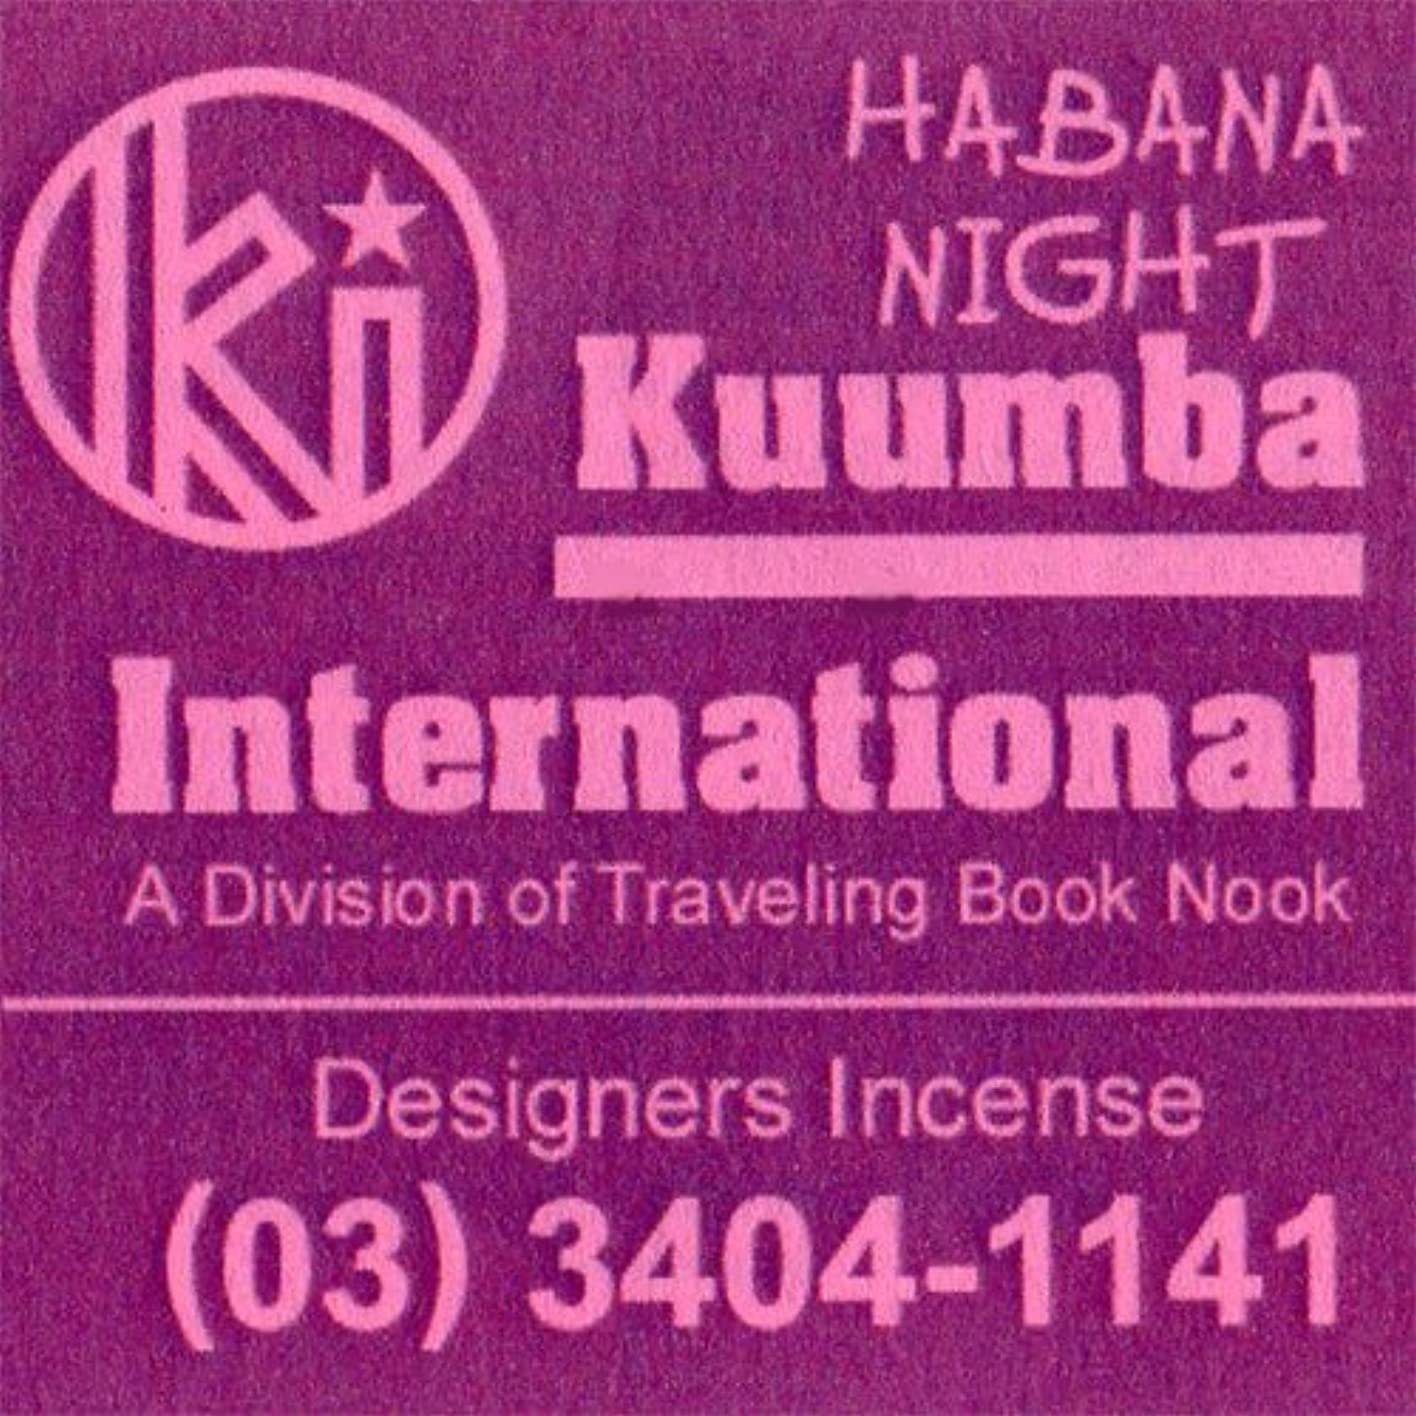 方程式ビン国籍KUUMBA/クンバ『incense』(HABANA NIGHT) (Regular size)